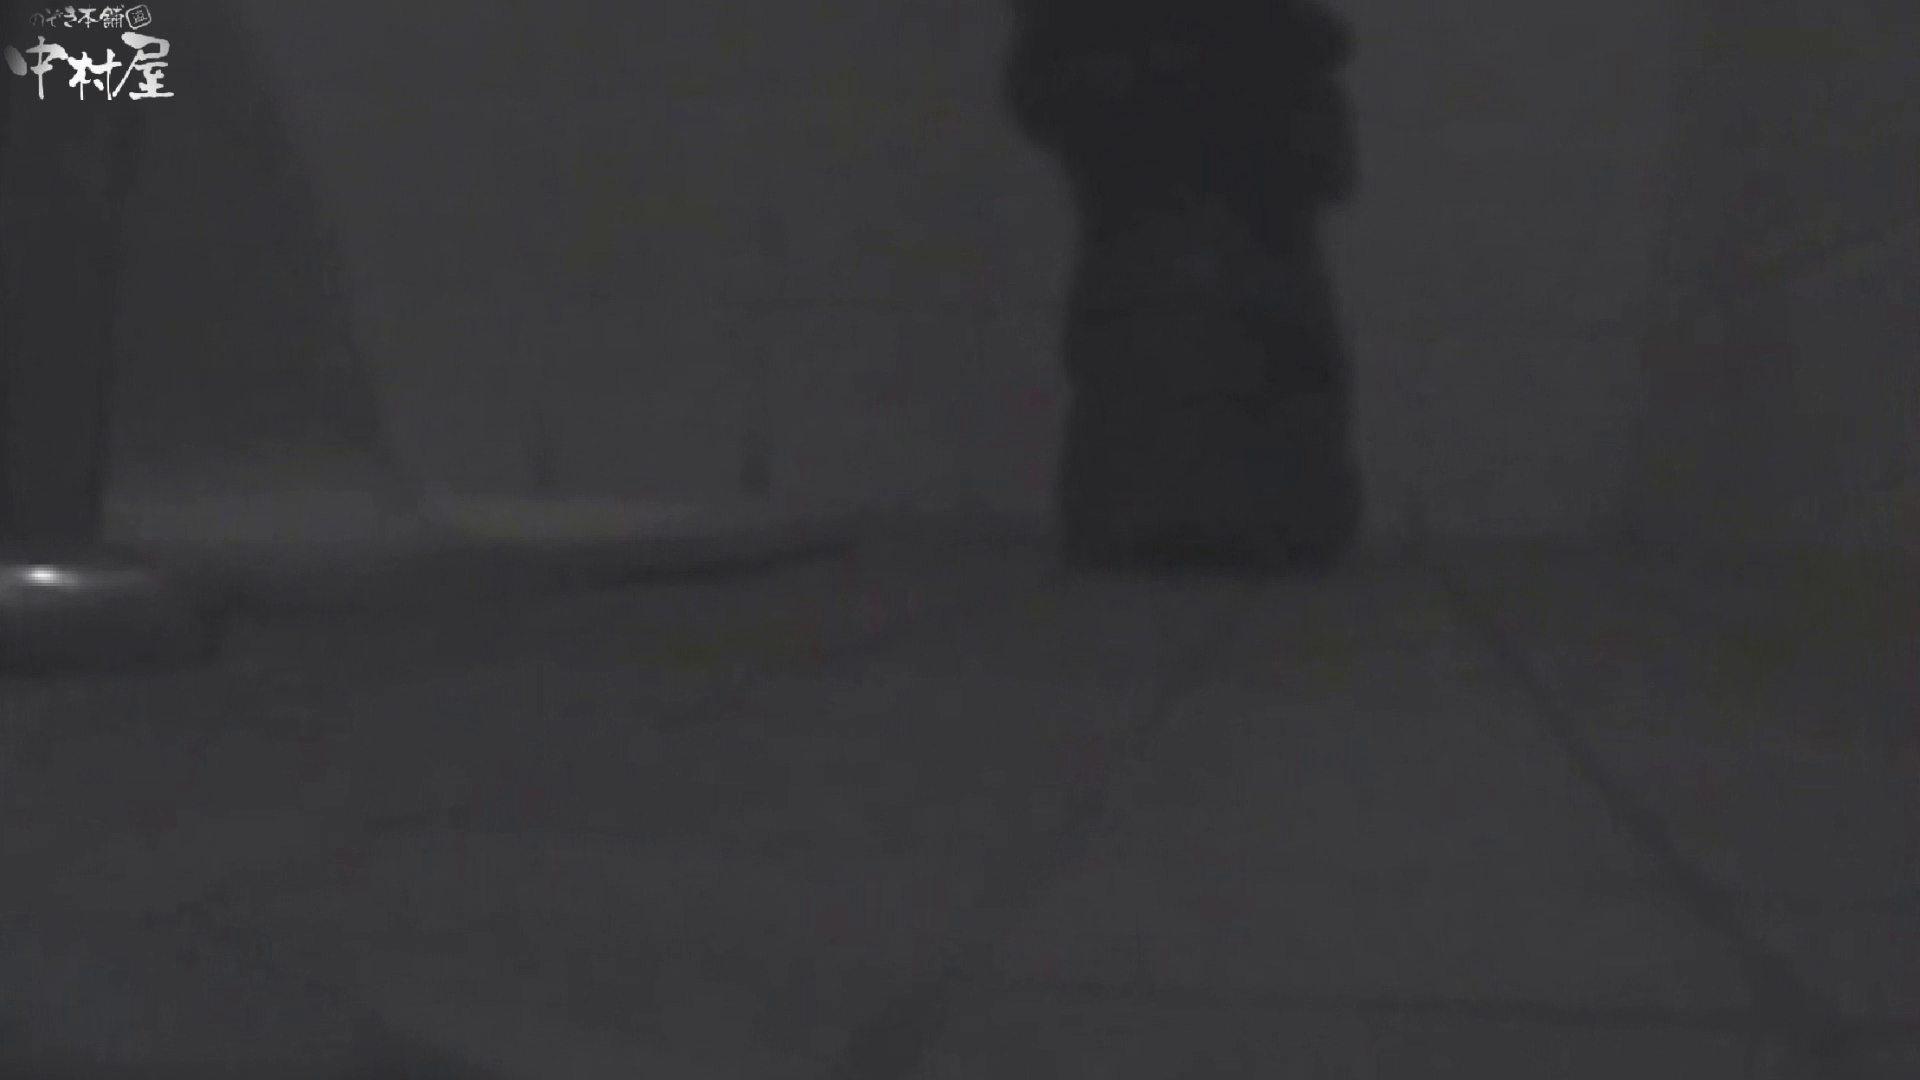 解禁!海の家4カメ洗面所vol.08 人気シリーズ 盗撮動画紹介 107pic 15